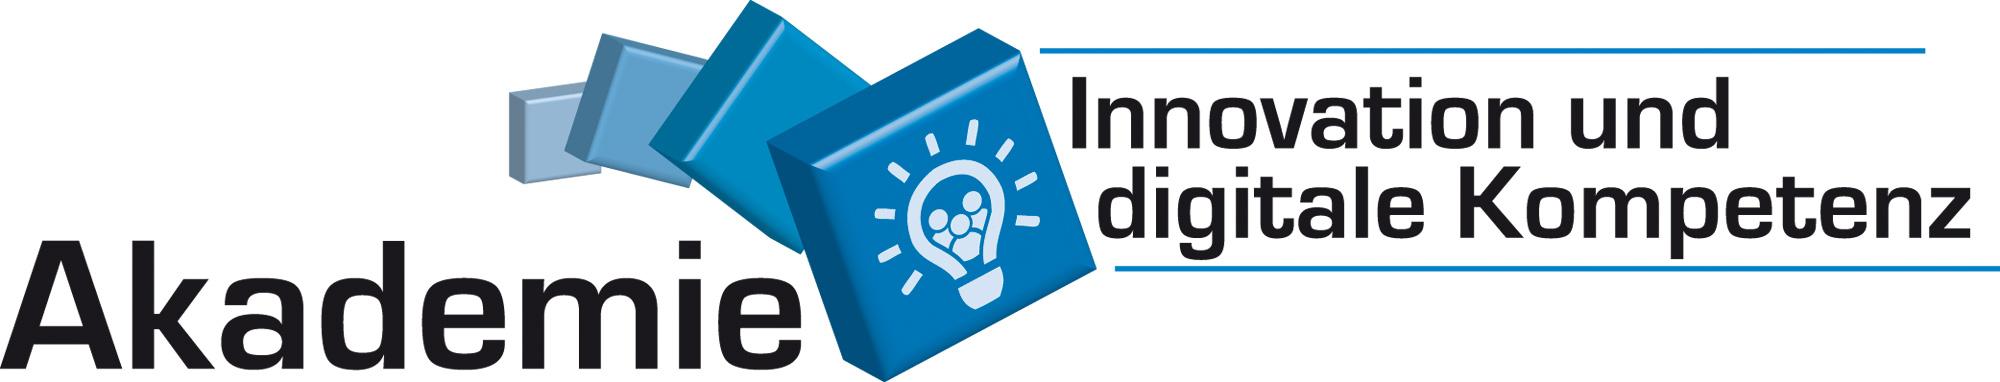 Online-Bibliothek des Steinbeis-Beratungszentrum Innovation und digitale Kompetenz